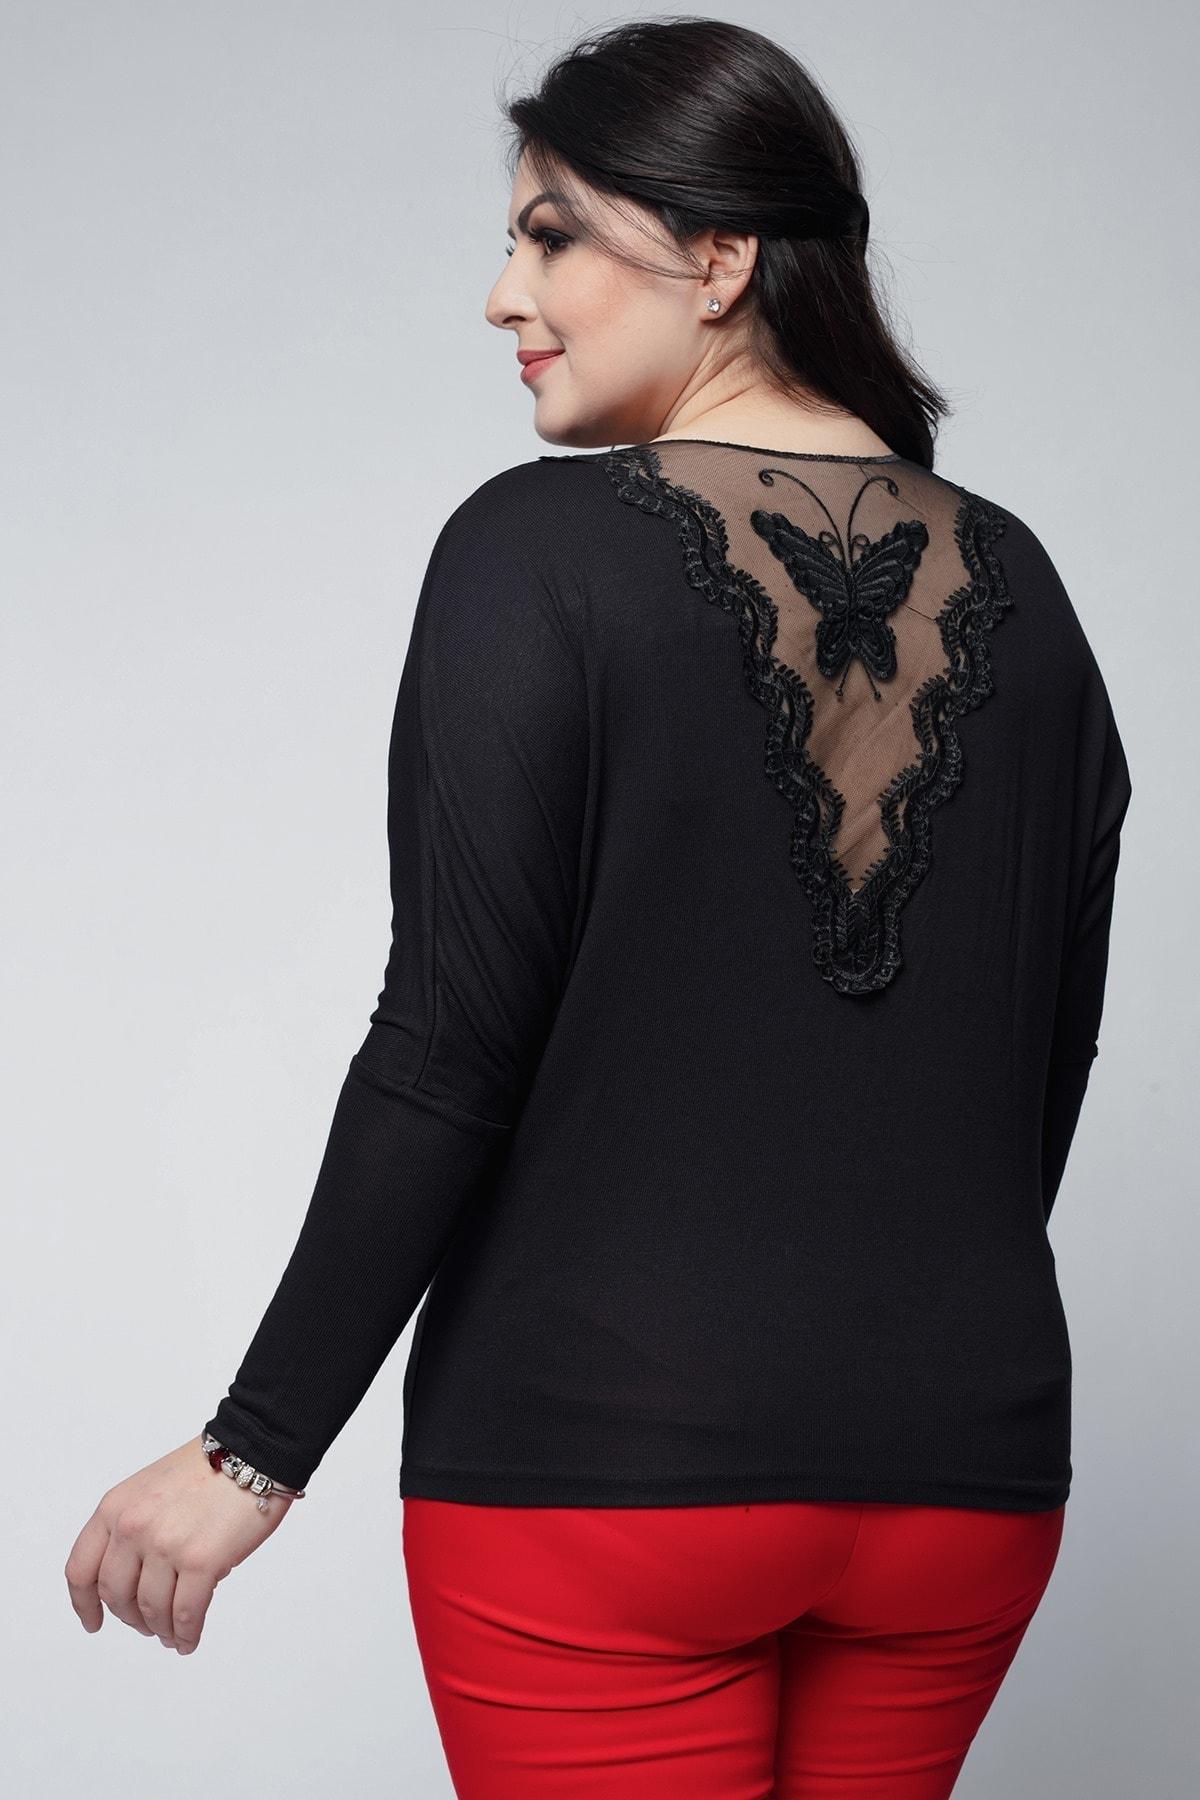 Ebsumu Kadın Büyük Beden Yarasa Kol Sırtı Transparan Kelebek Işlemeli Siyah Bluz 2